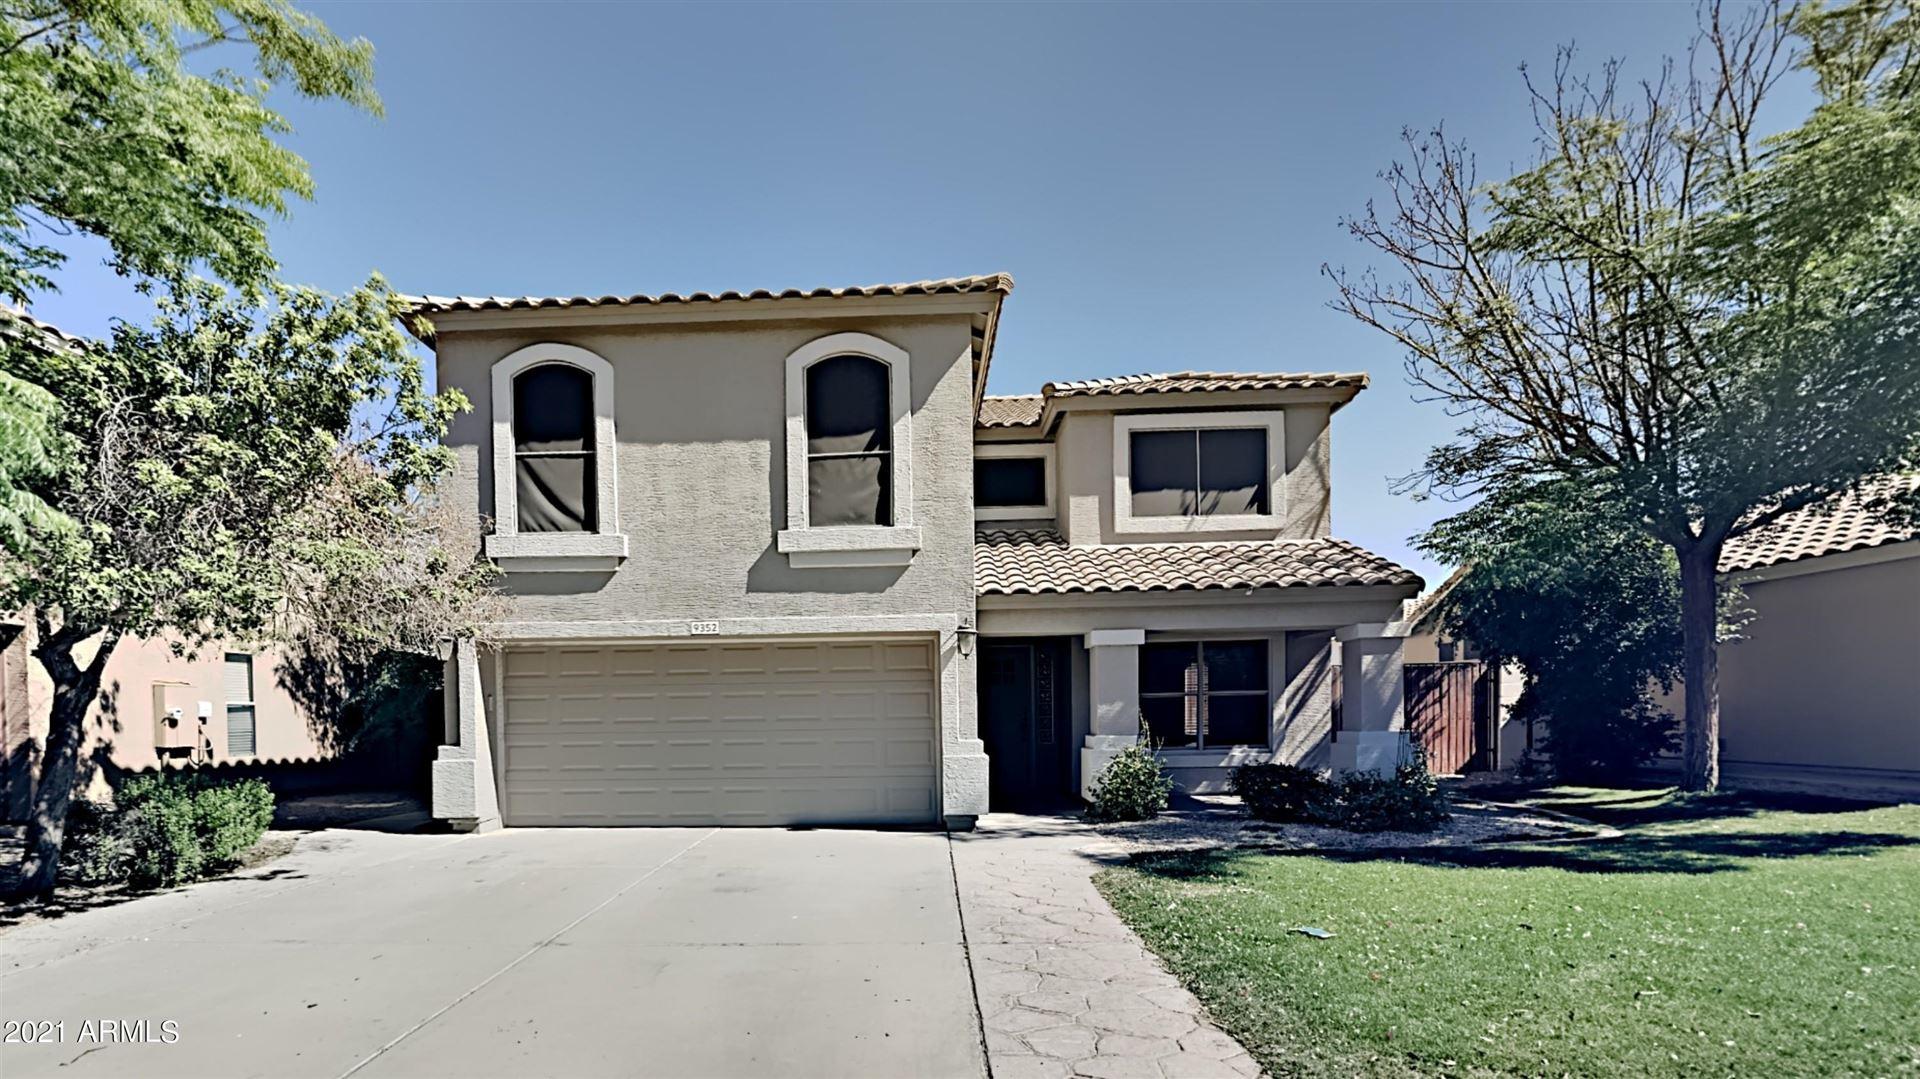 9352 E Onza Avenue, Mesa, AZ 85212 - MLS#: 6230748